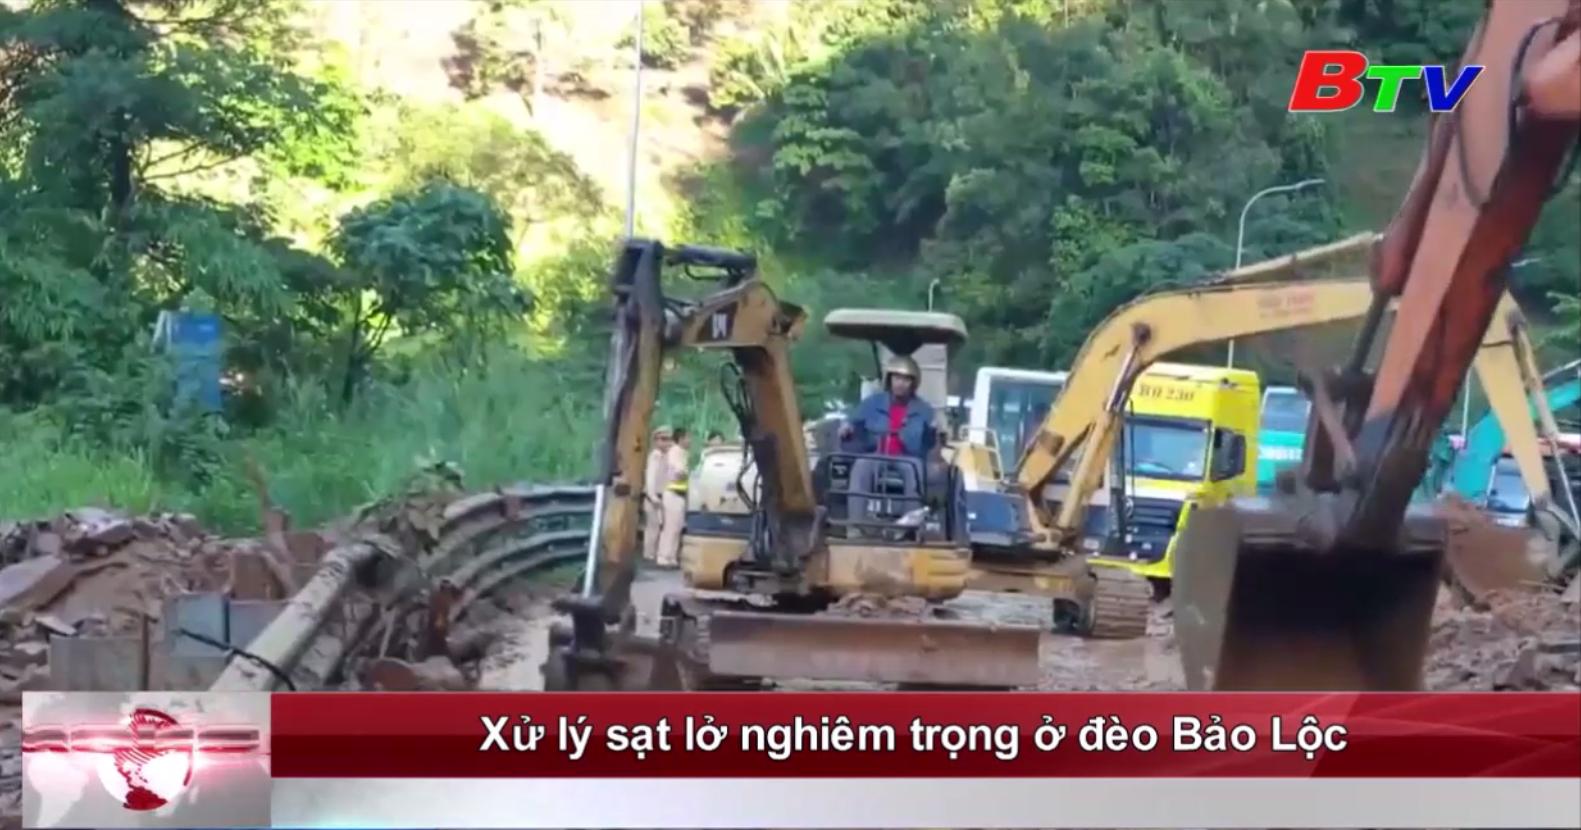 Xử lý sạt lở nghiêm trọng ở đèo Bảo Lộc